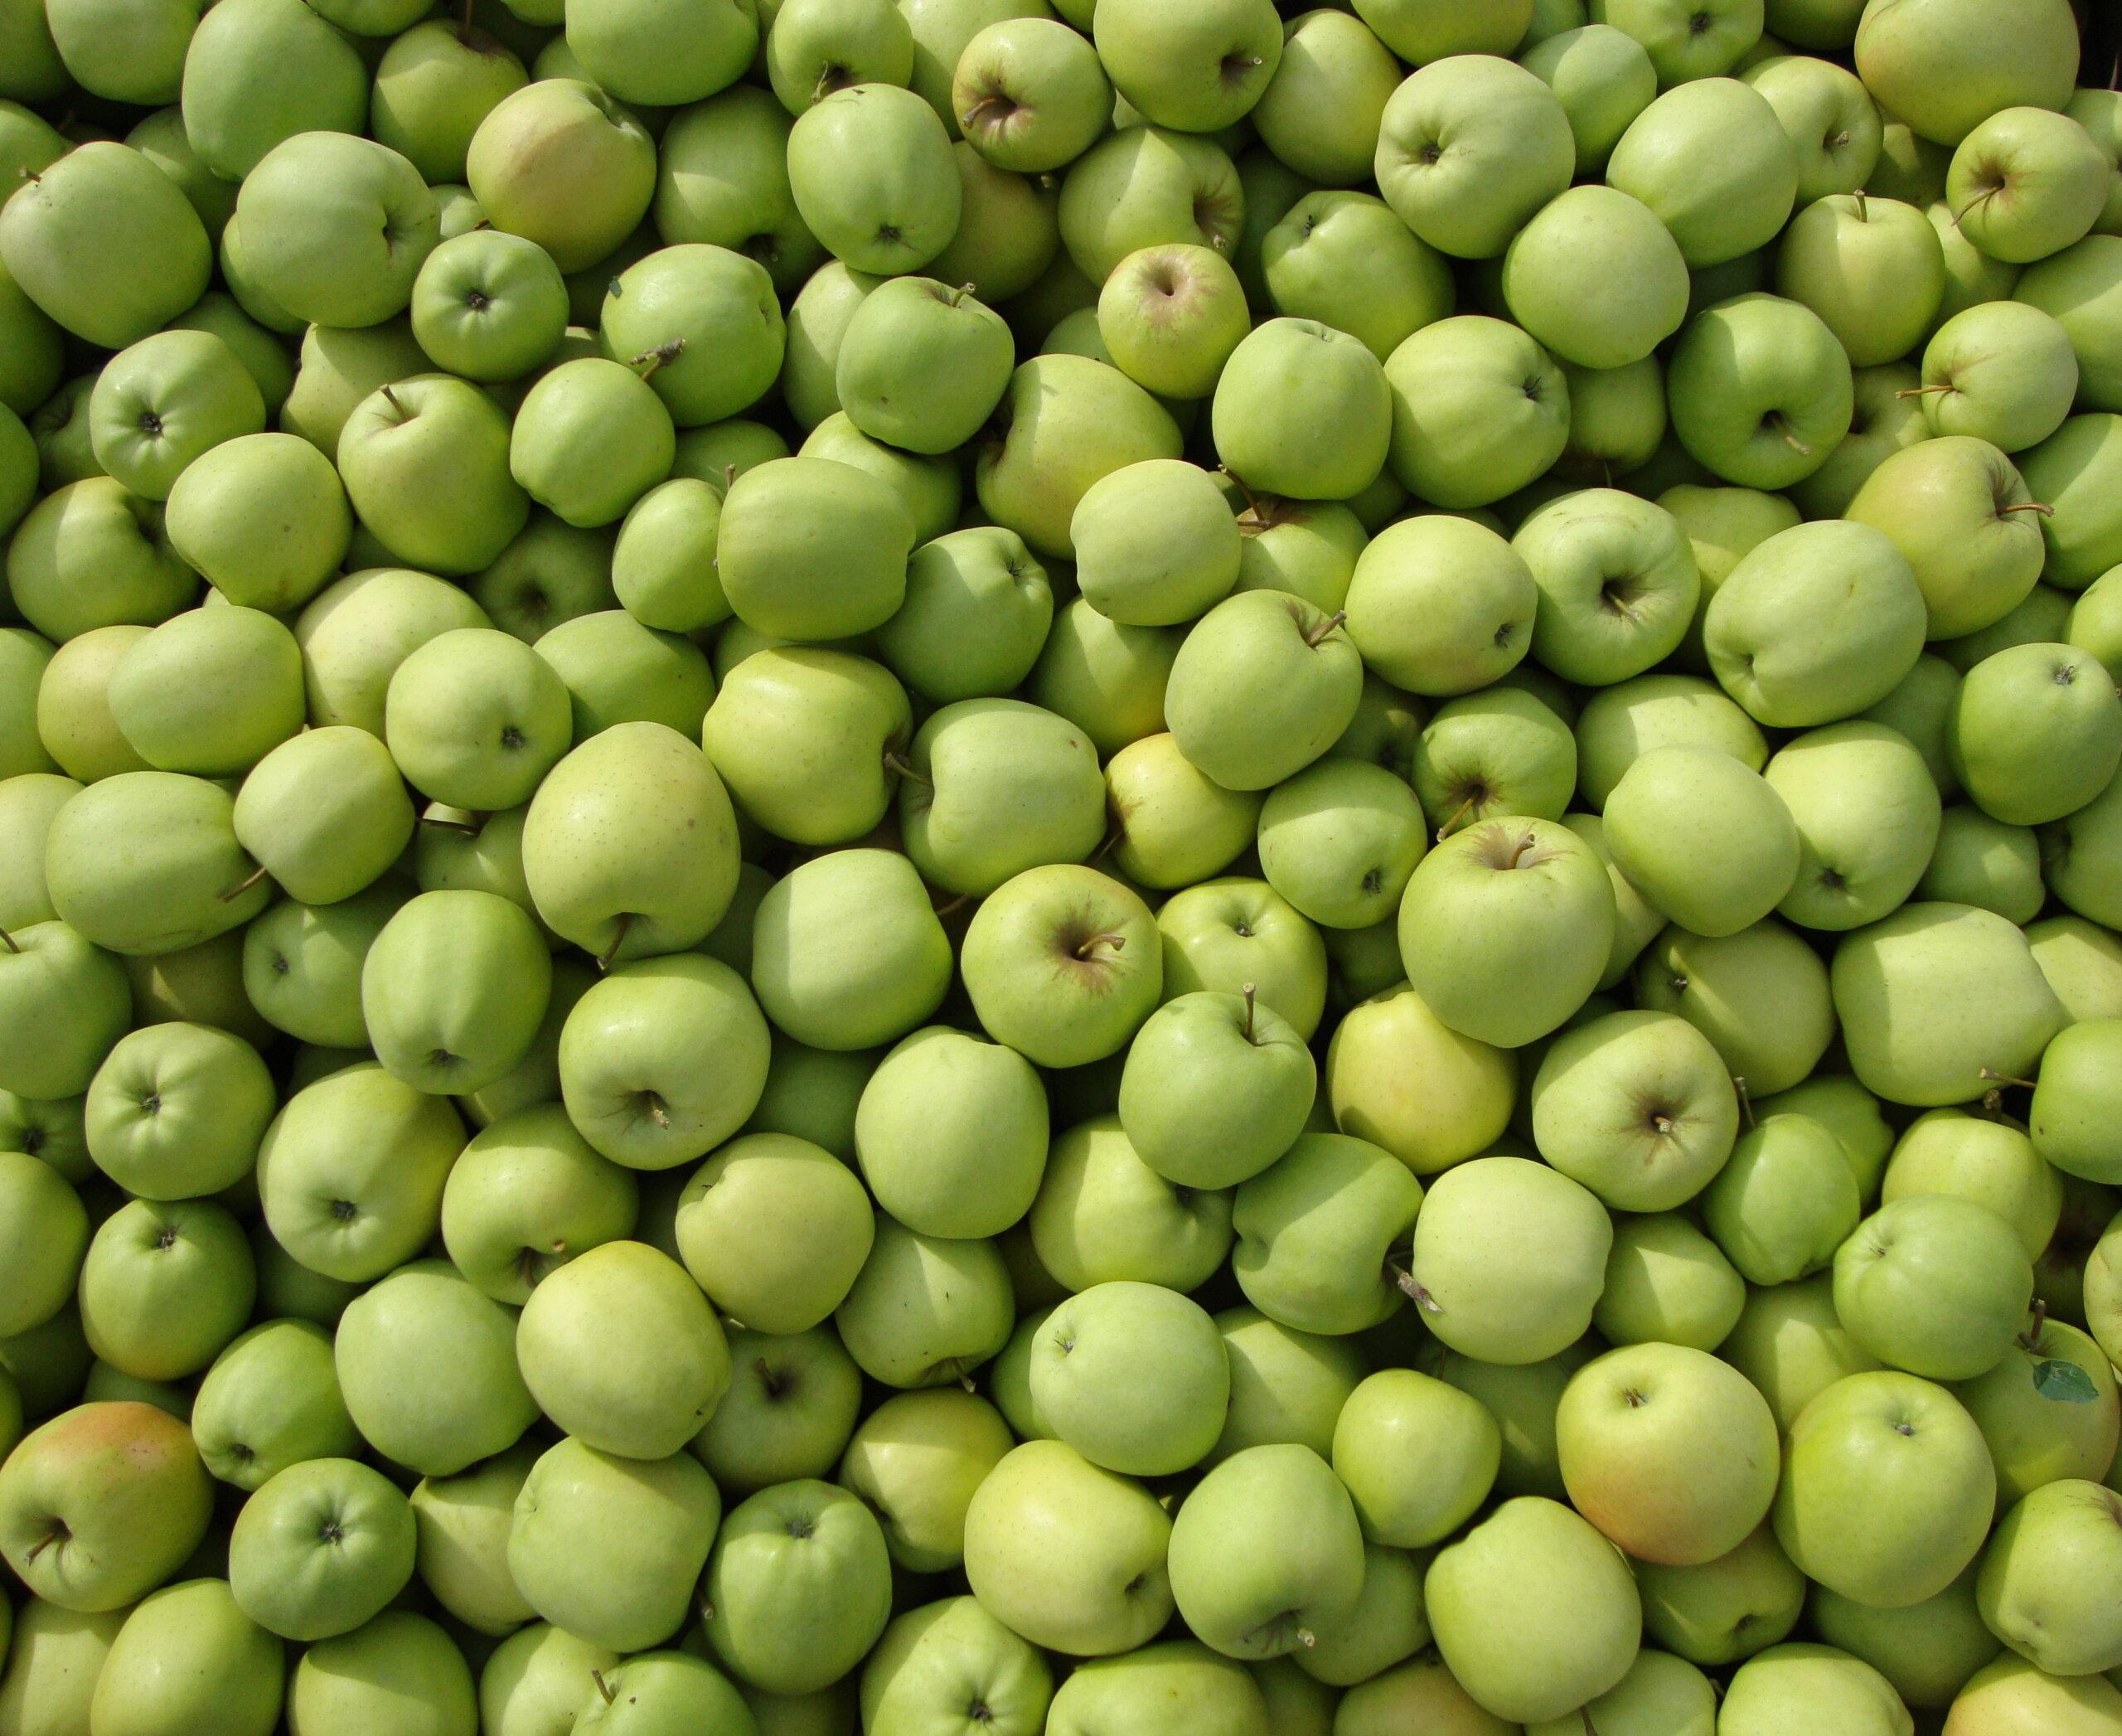 Fruitbedrijf Van den Berge Golden Delicious